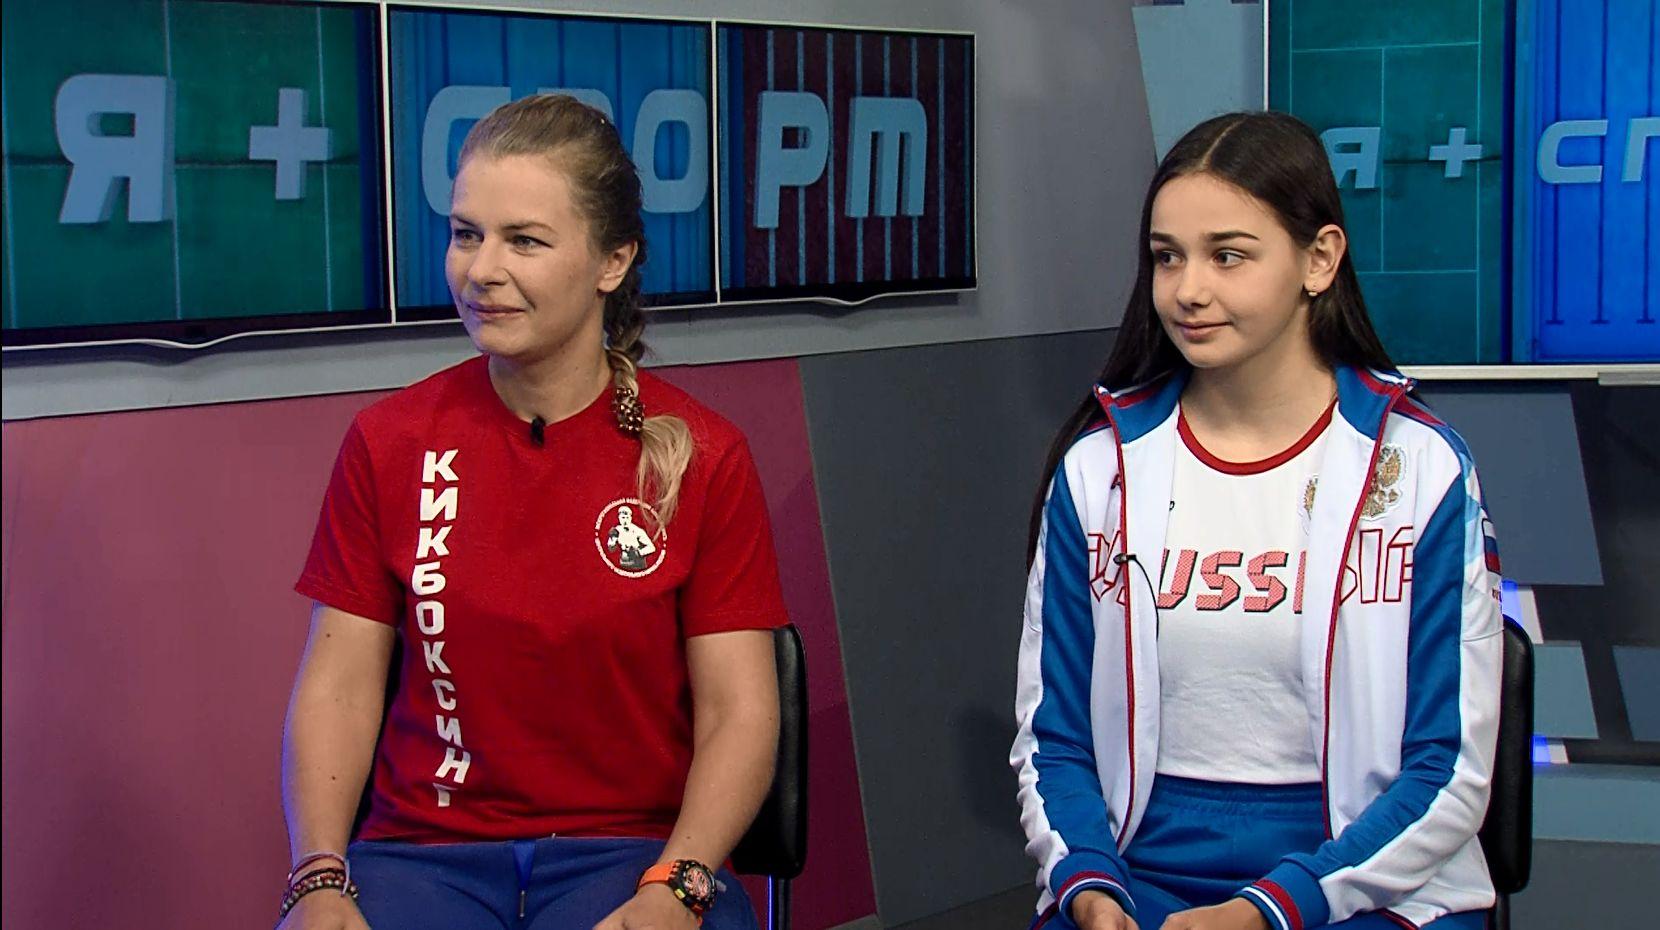 Ярославны Ольга Ильяная и Анастасия Савельева стали бронзовыми призерами Кубка мира по кикбоксингу